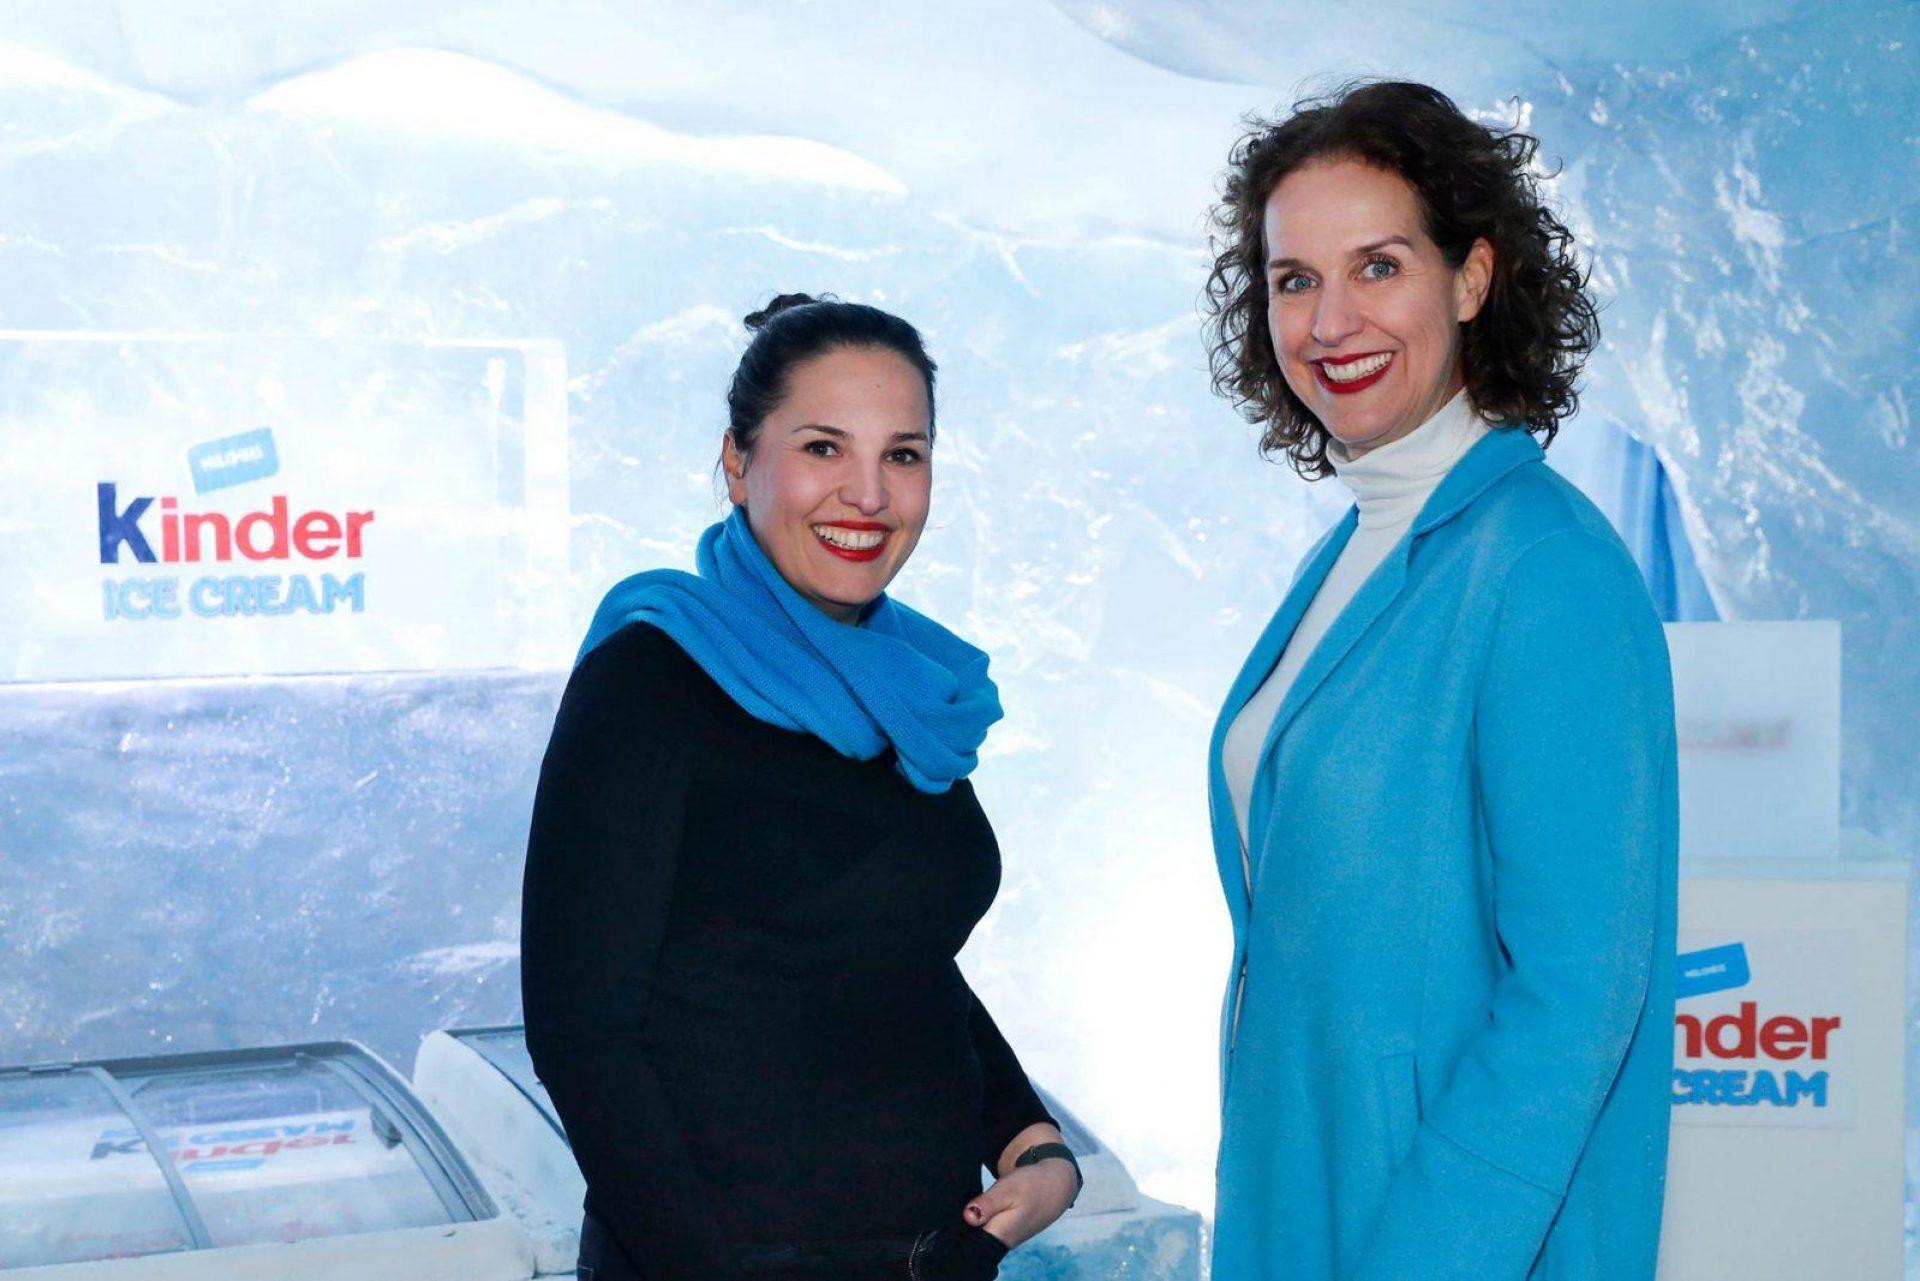 Frozen Store Kinder Eis Eiszeot Eugenia Lagemann fischer Appelt Christiane Haasis Unilever